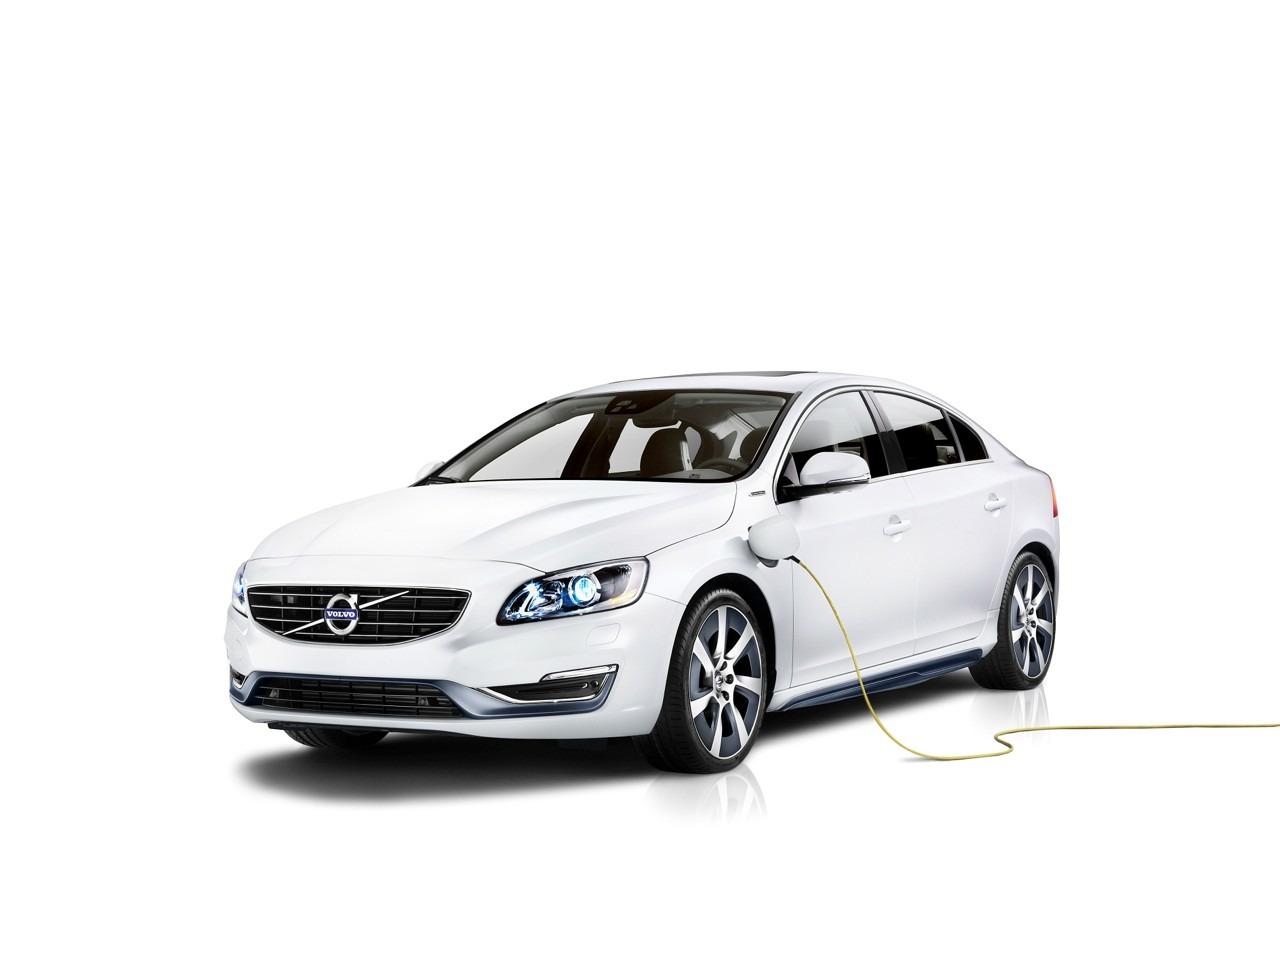 Volvo_S60L_Petrol_Plug-in_Hybrid_1